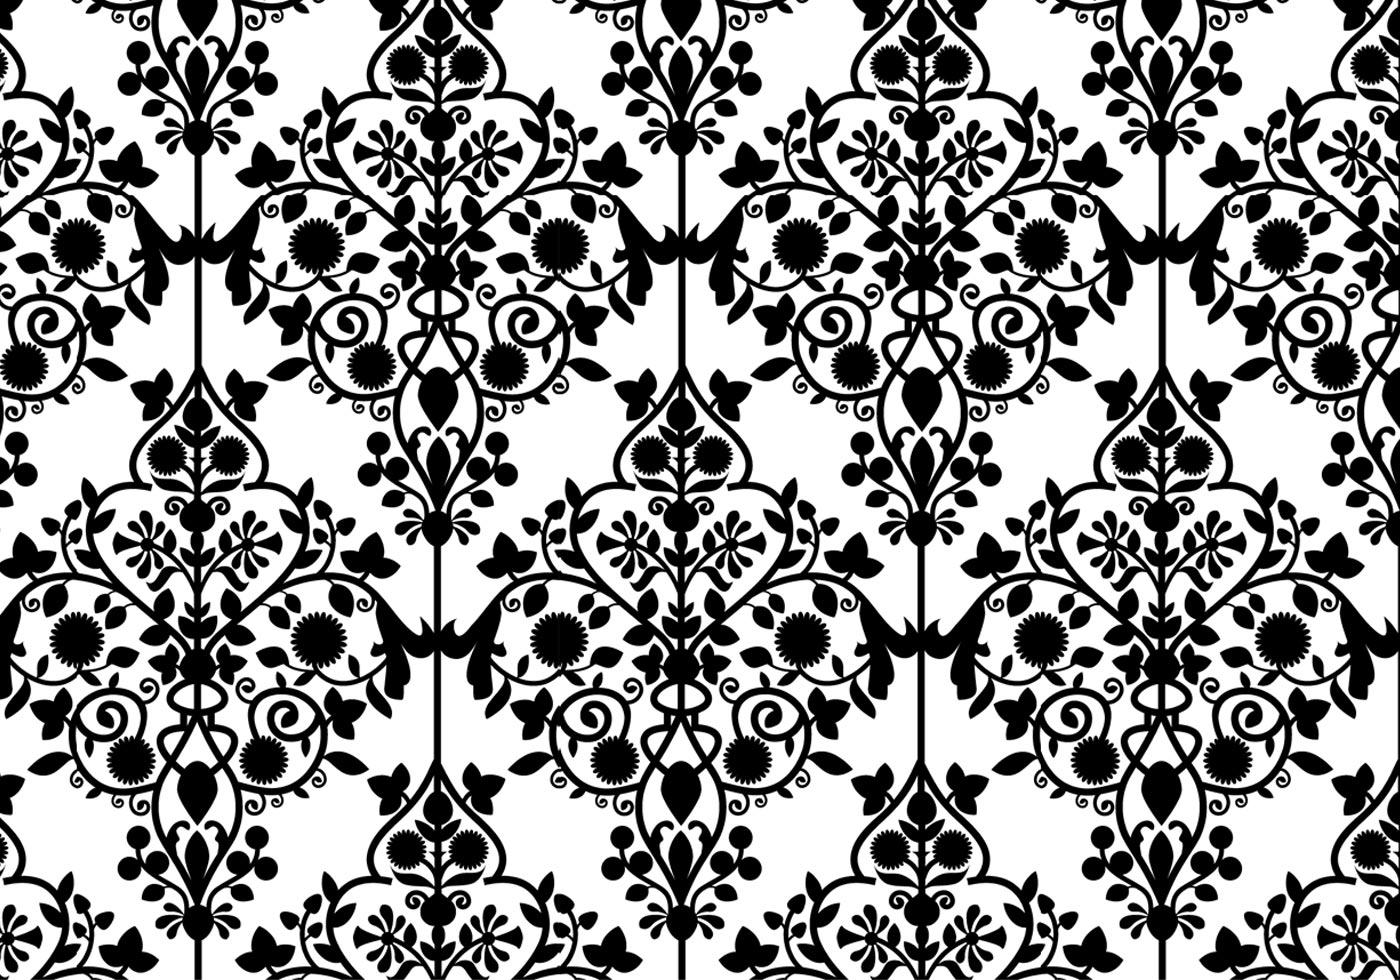 Sample Damask Pattern | Free Photoshop Patterns at Brusheezy!